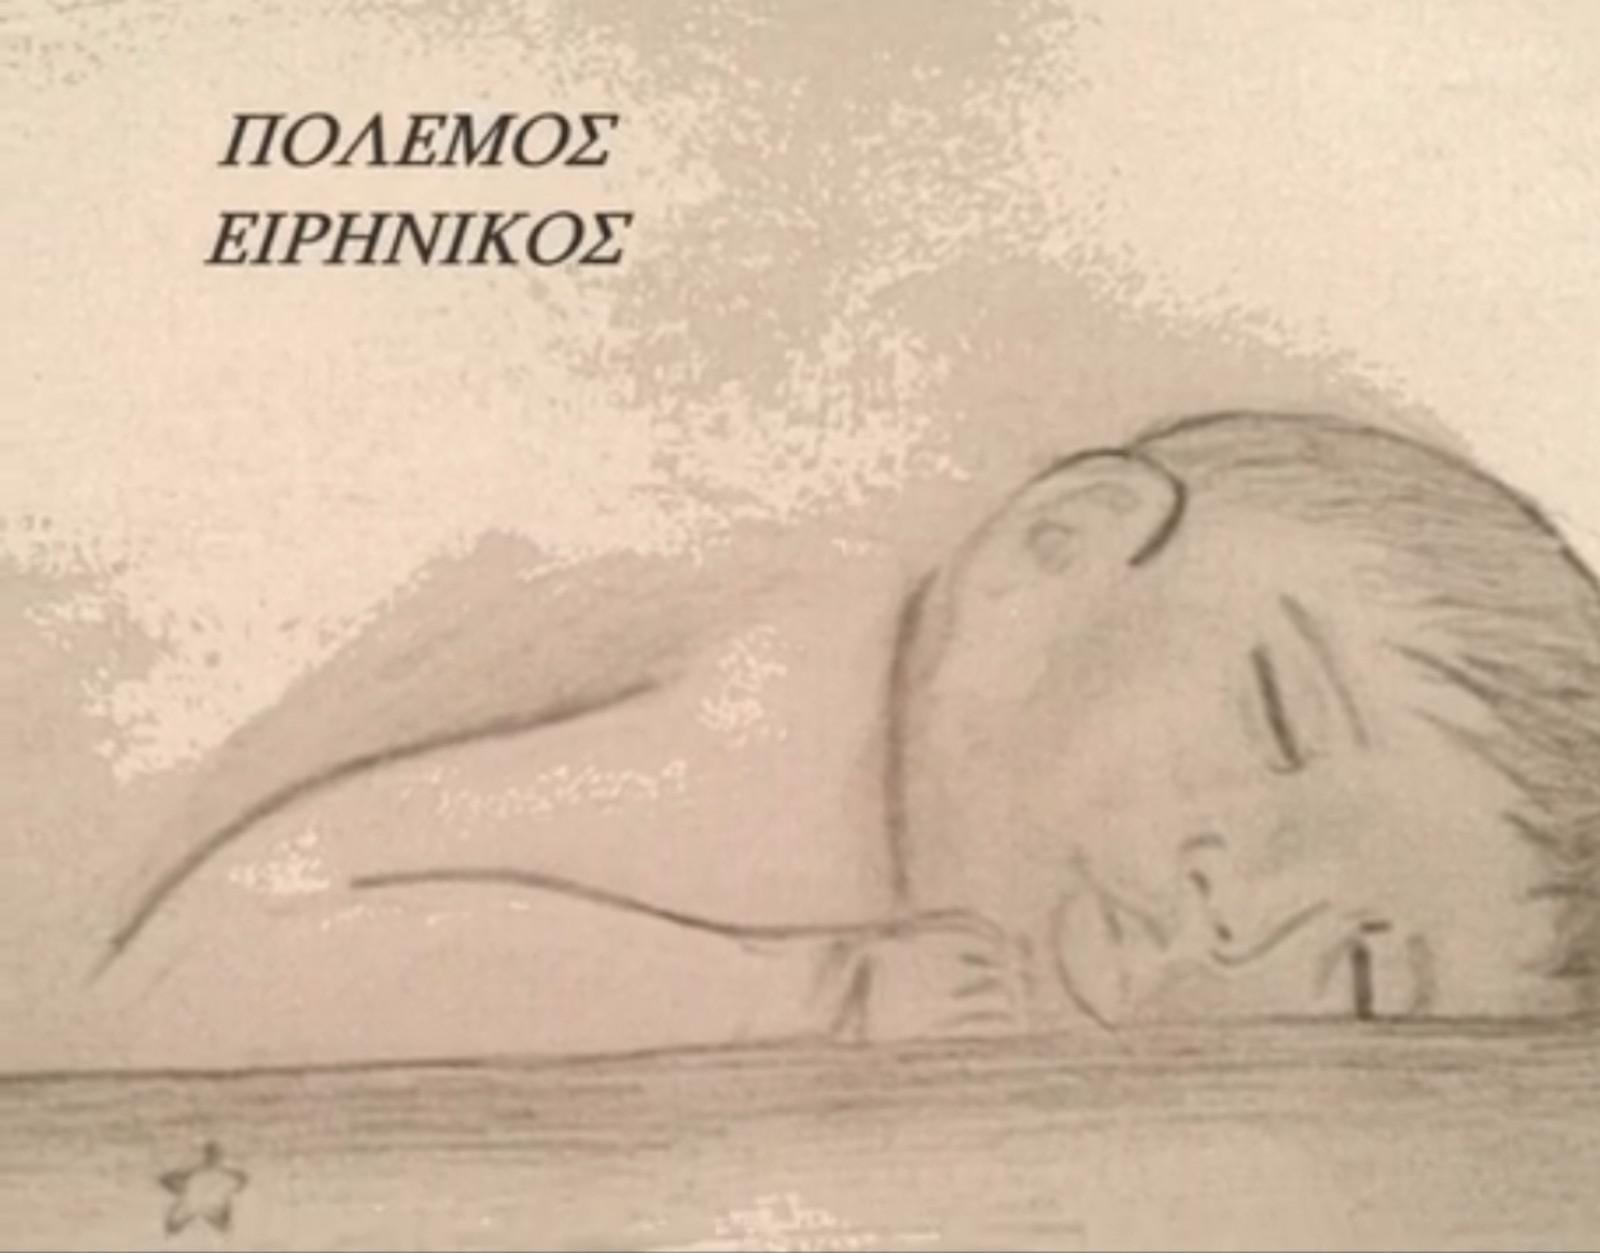 Νέο τραγούδι του Ιωάννη Φιλιππάκη «ΠΟΛΕΜΟΣ ΕΙΡΗΝΙΚΟΣ»